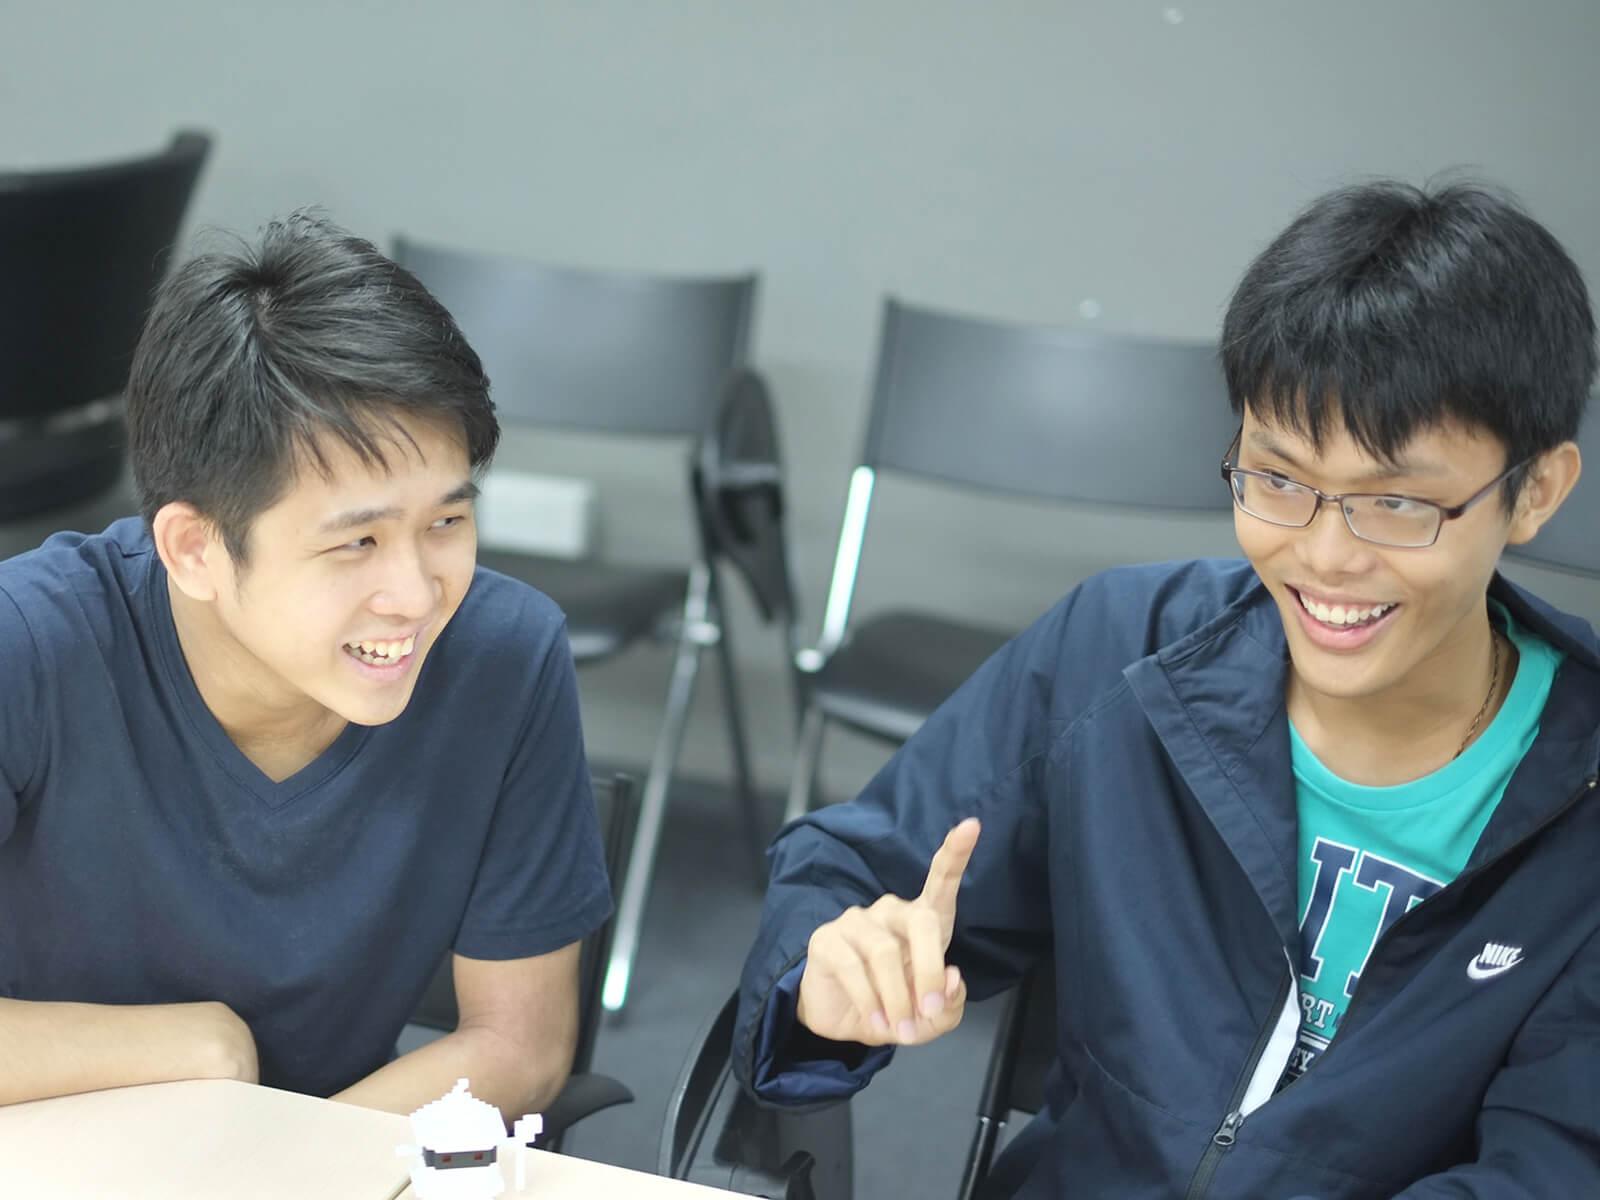 Graduates Chin Yong Kian and Lim Chian Song sit at a desk laughing